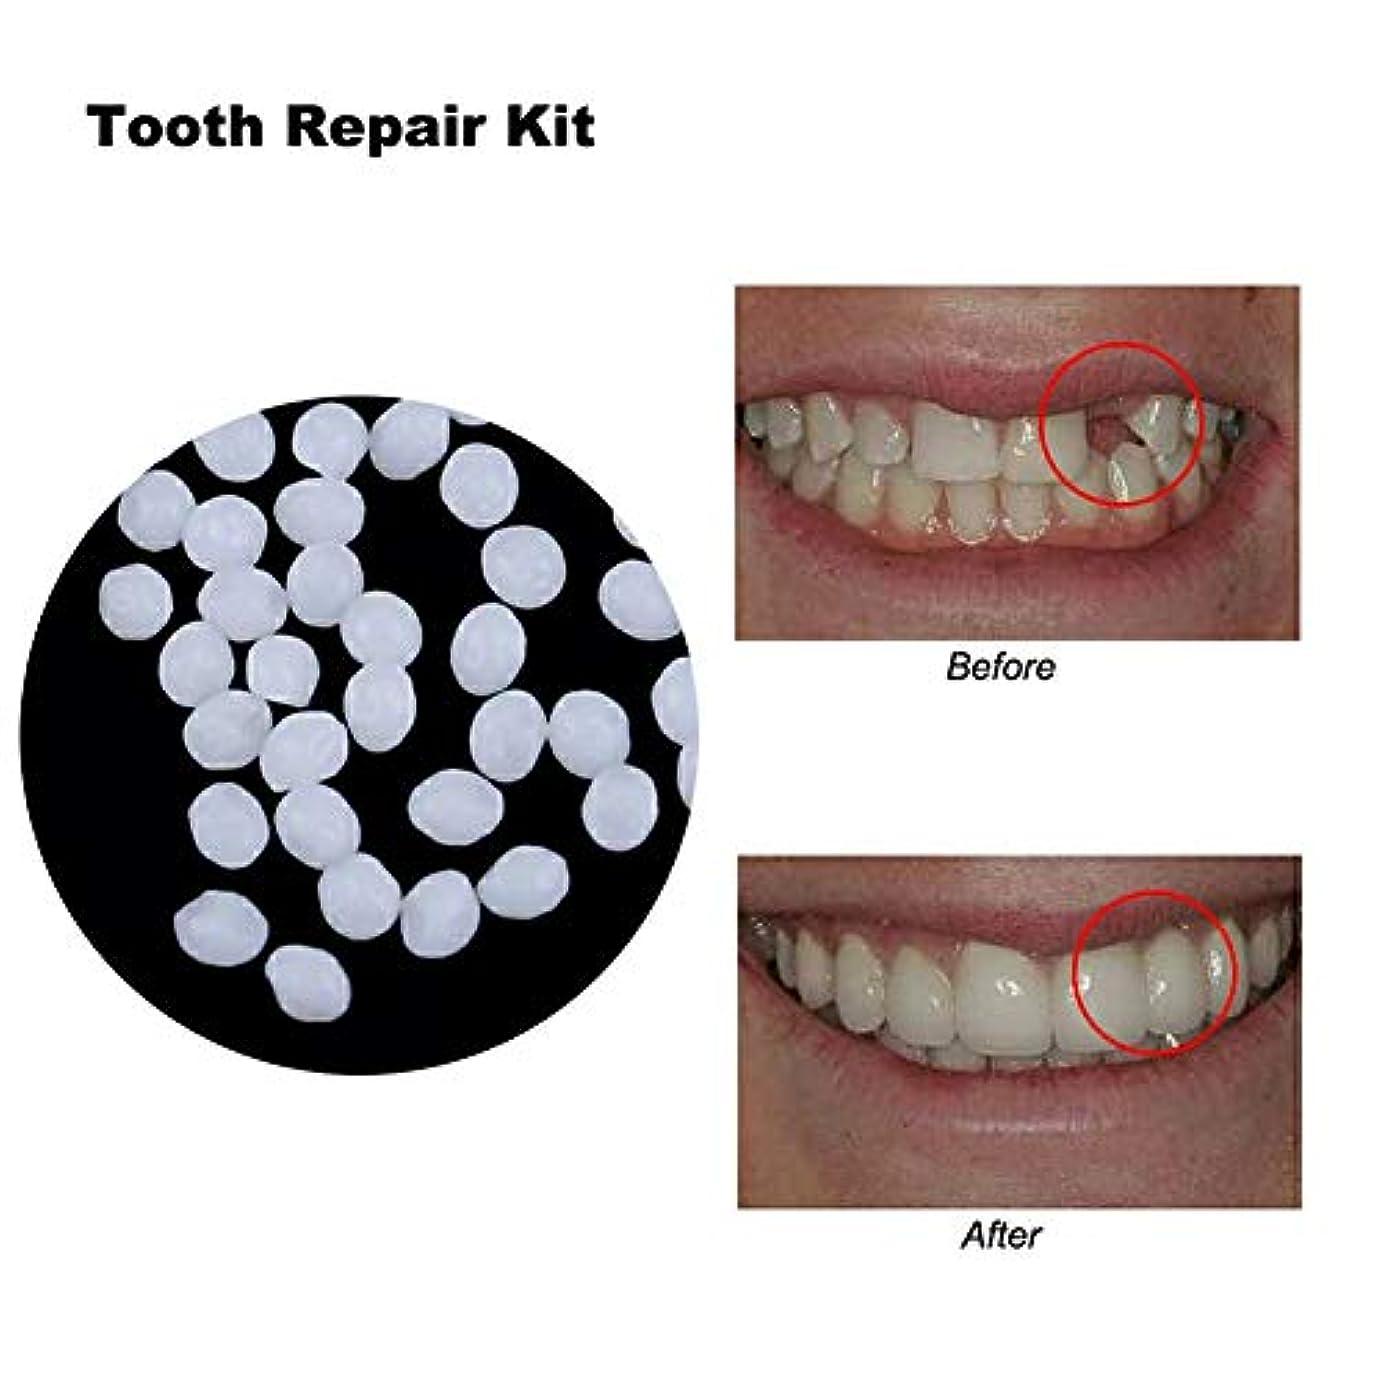 ガジュマル建てる減衰偽歯固体接着剤、樹脂の歯とギャップのための一時的な化粧品の歯の修復キットクリエイティブ義歯接着剤,20ml20g